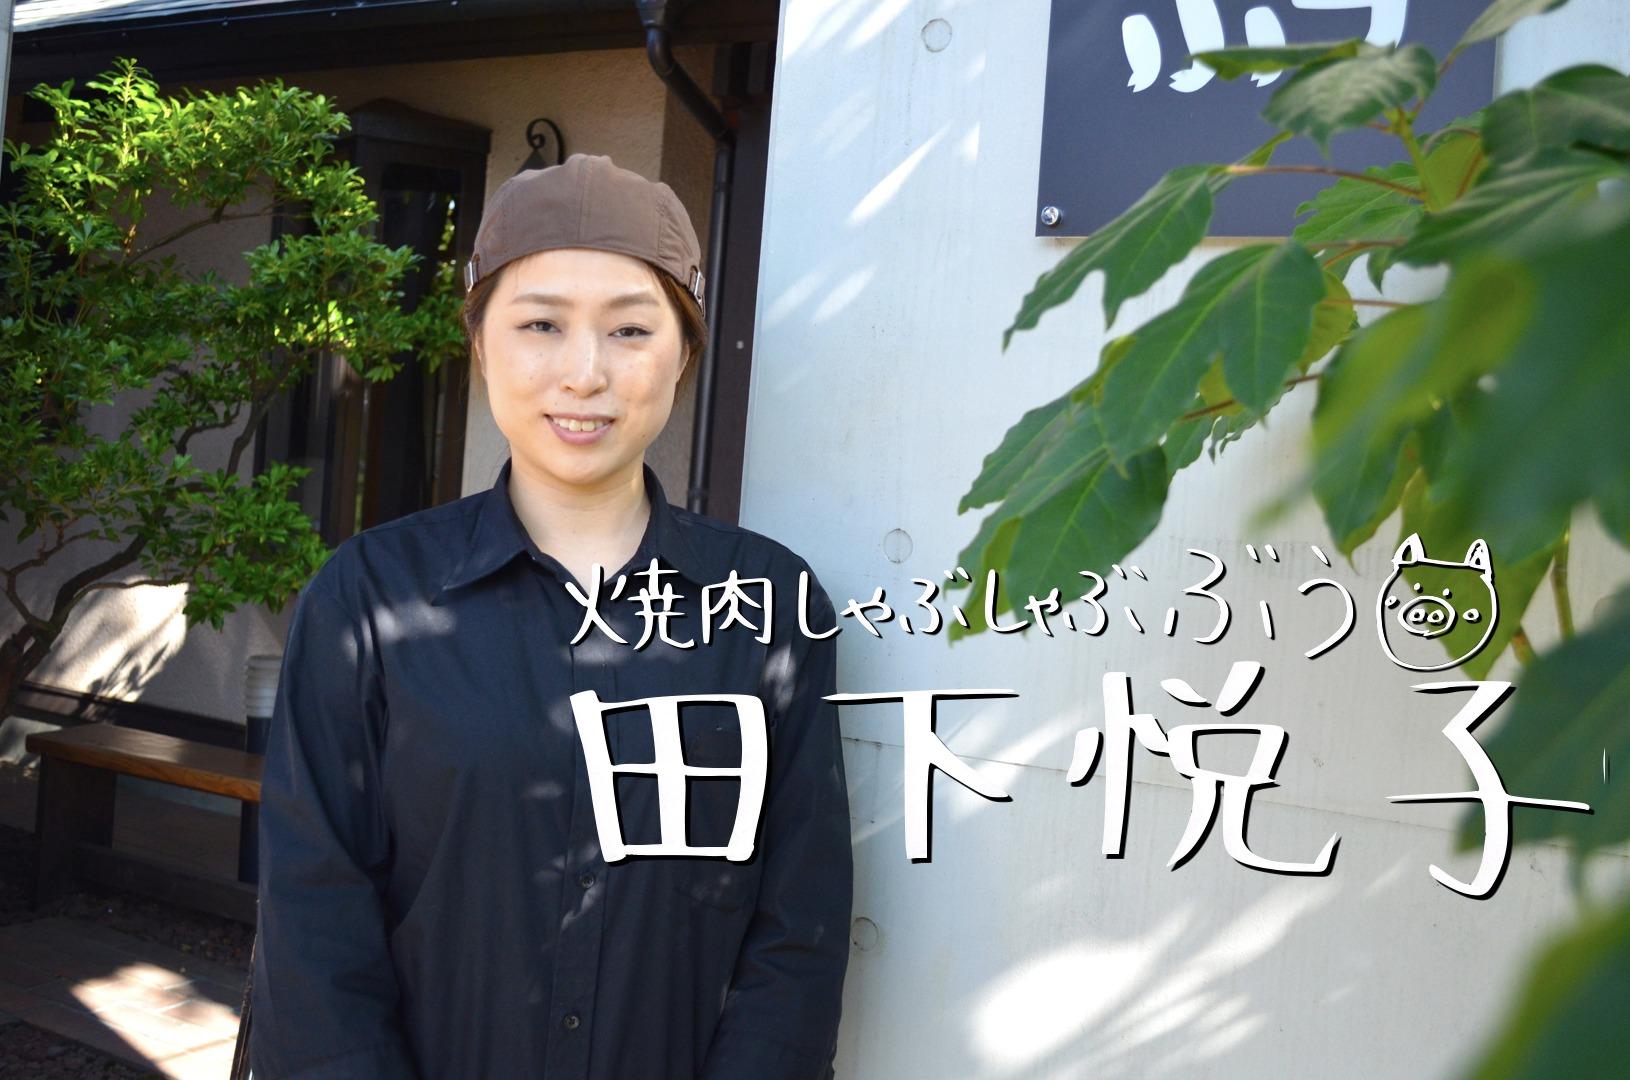 変わらない味と変わらない接客|焼肉しゃぶしゃぶ「ぶう」 #1  田下 悦子